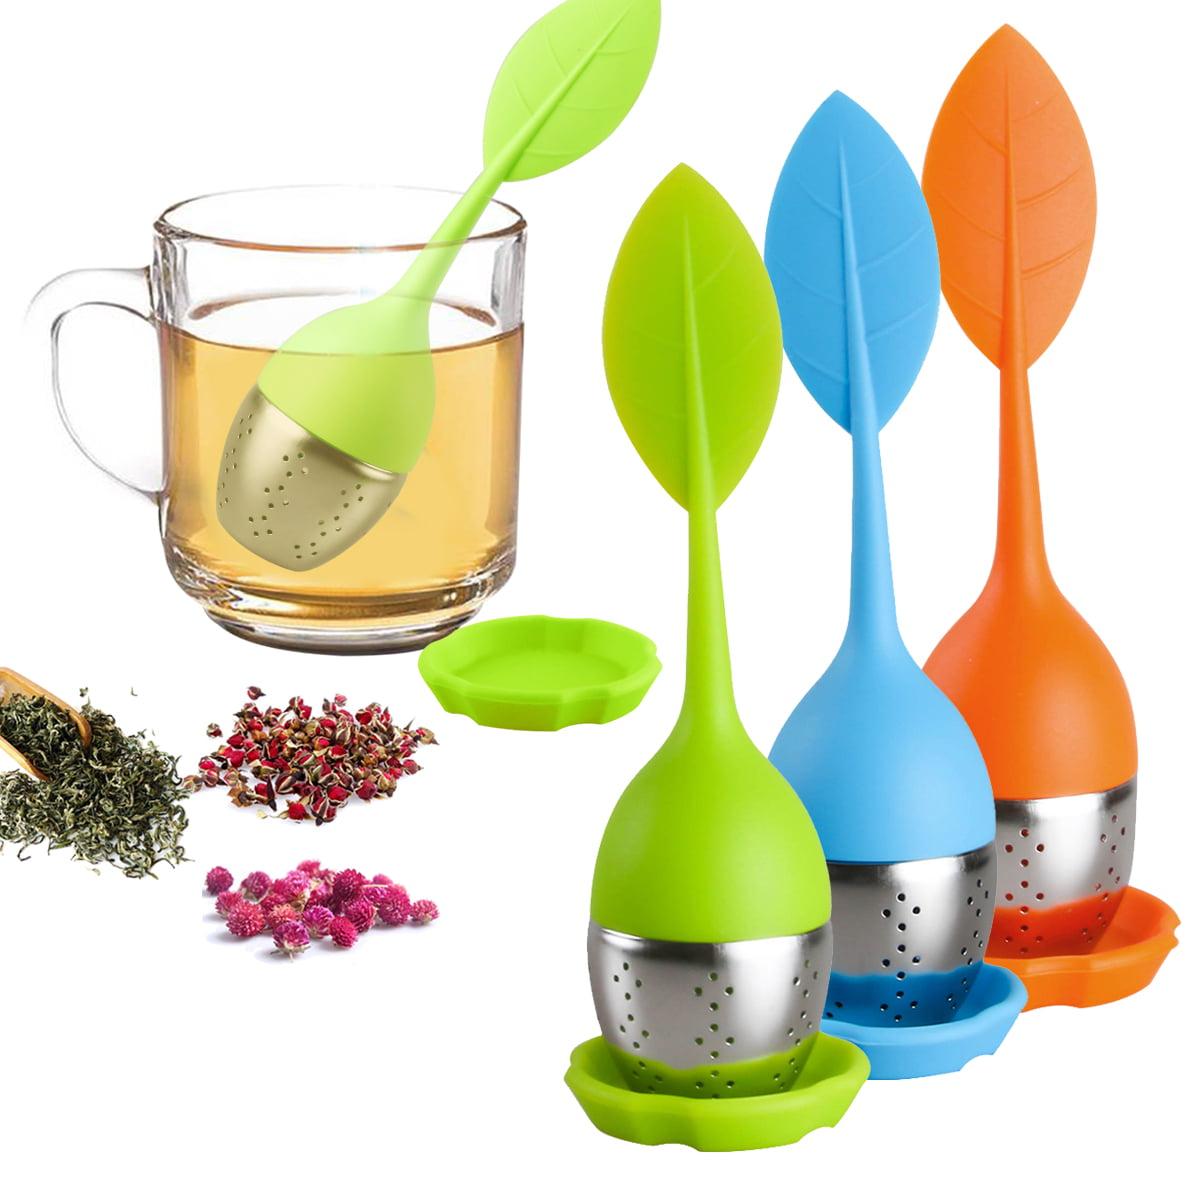 Leaf Tea Infuser Loose Tea Strainer Steeper for Fennel Tea Rooibos Tea Herbal Tea Filter for Tea Pot, Mug, Bottle Green Blue Orange Set 3